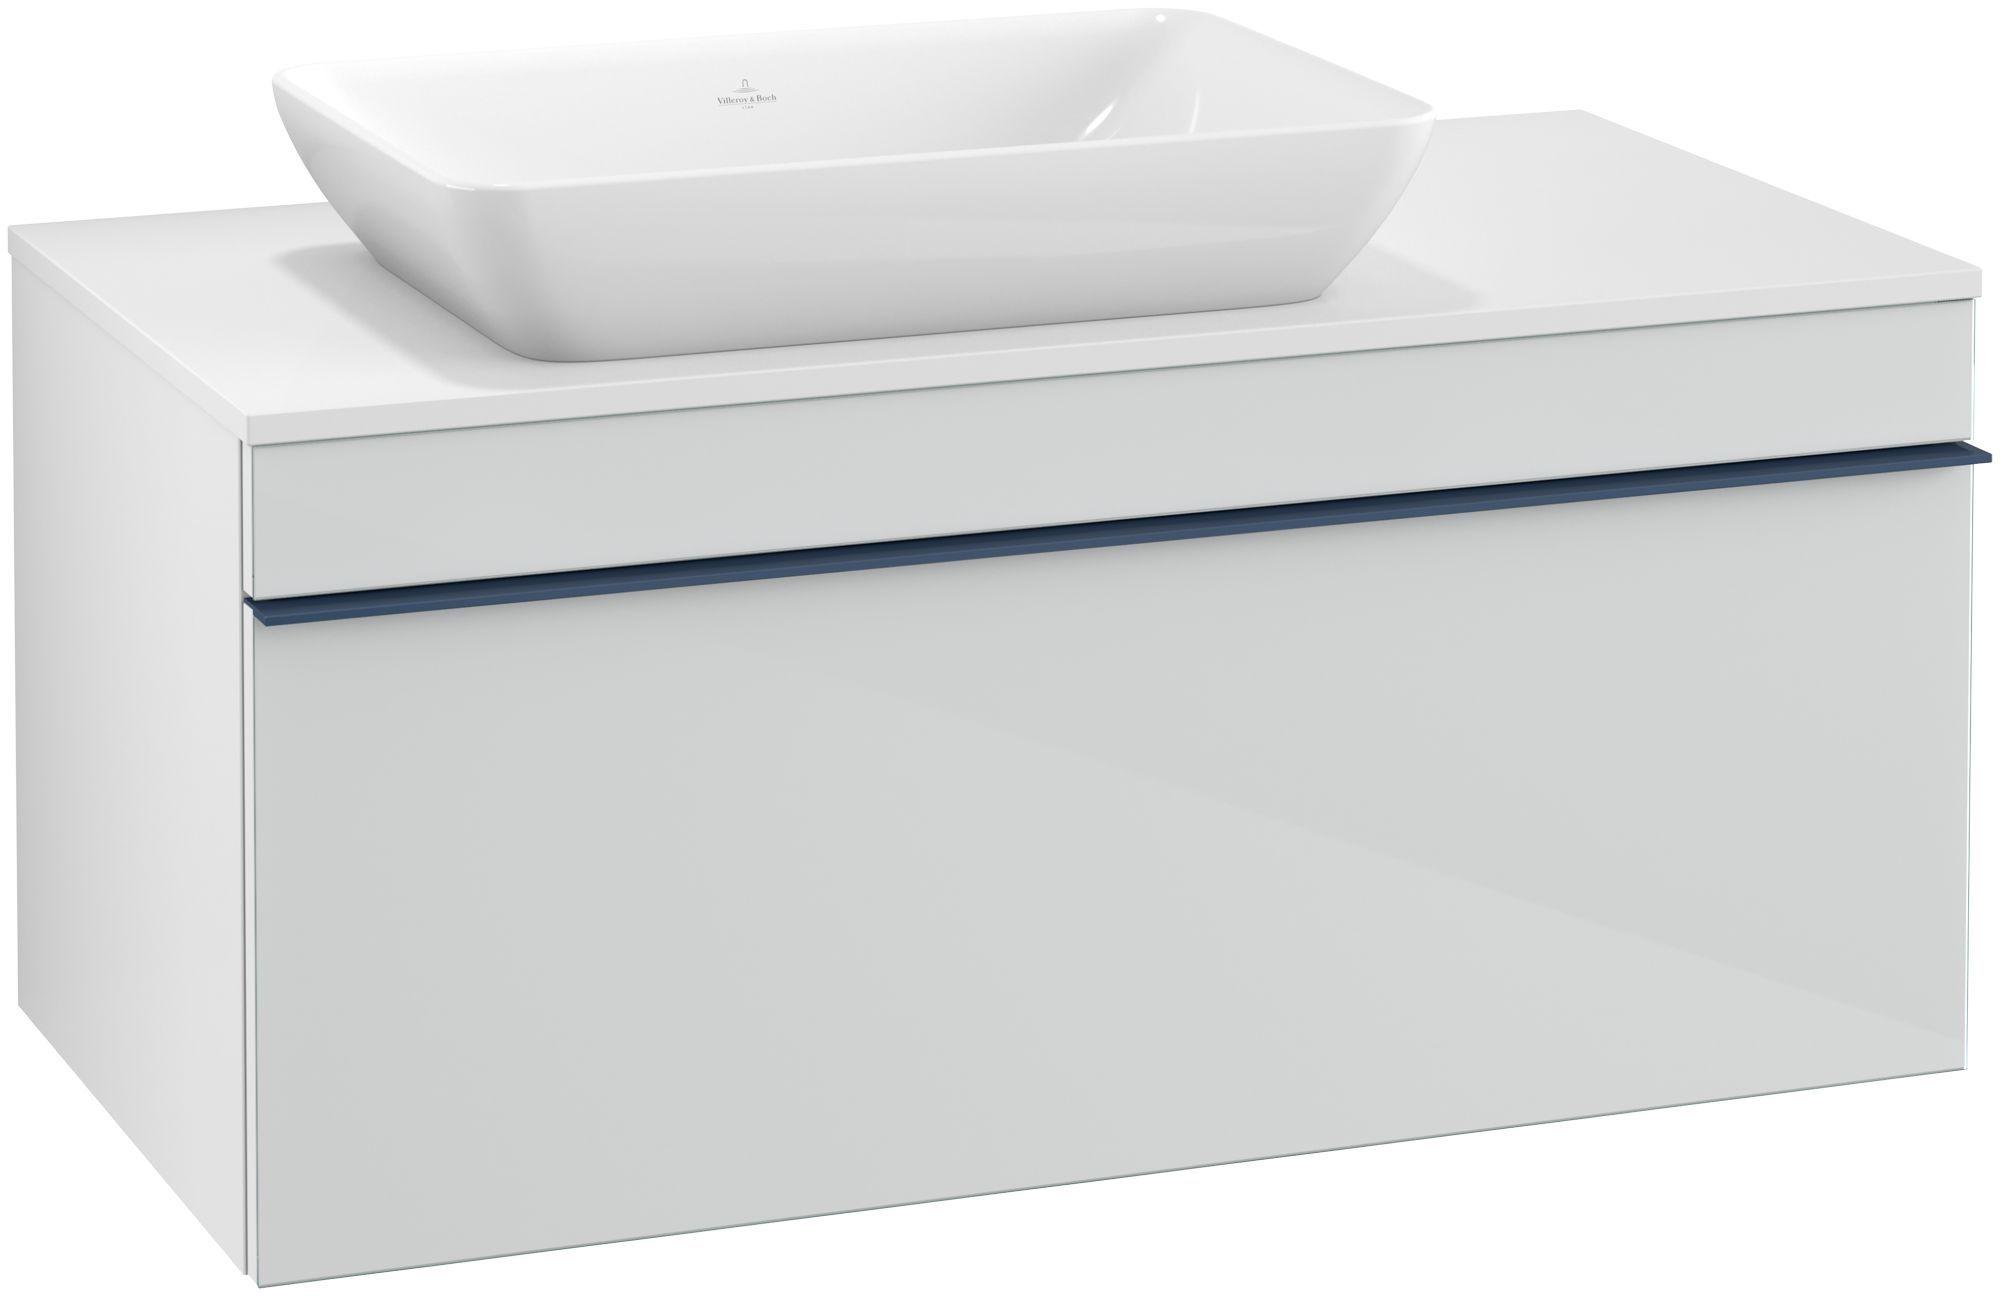 Villeroy & Boch Venticello Waschtischunterschrank für Waschtisch links 1 Auszug B:95,7xH:43,6xT:50,2cm Glas glossy white Griffe blau Griffe blau A94704RE